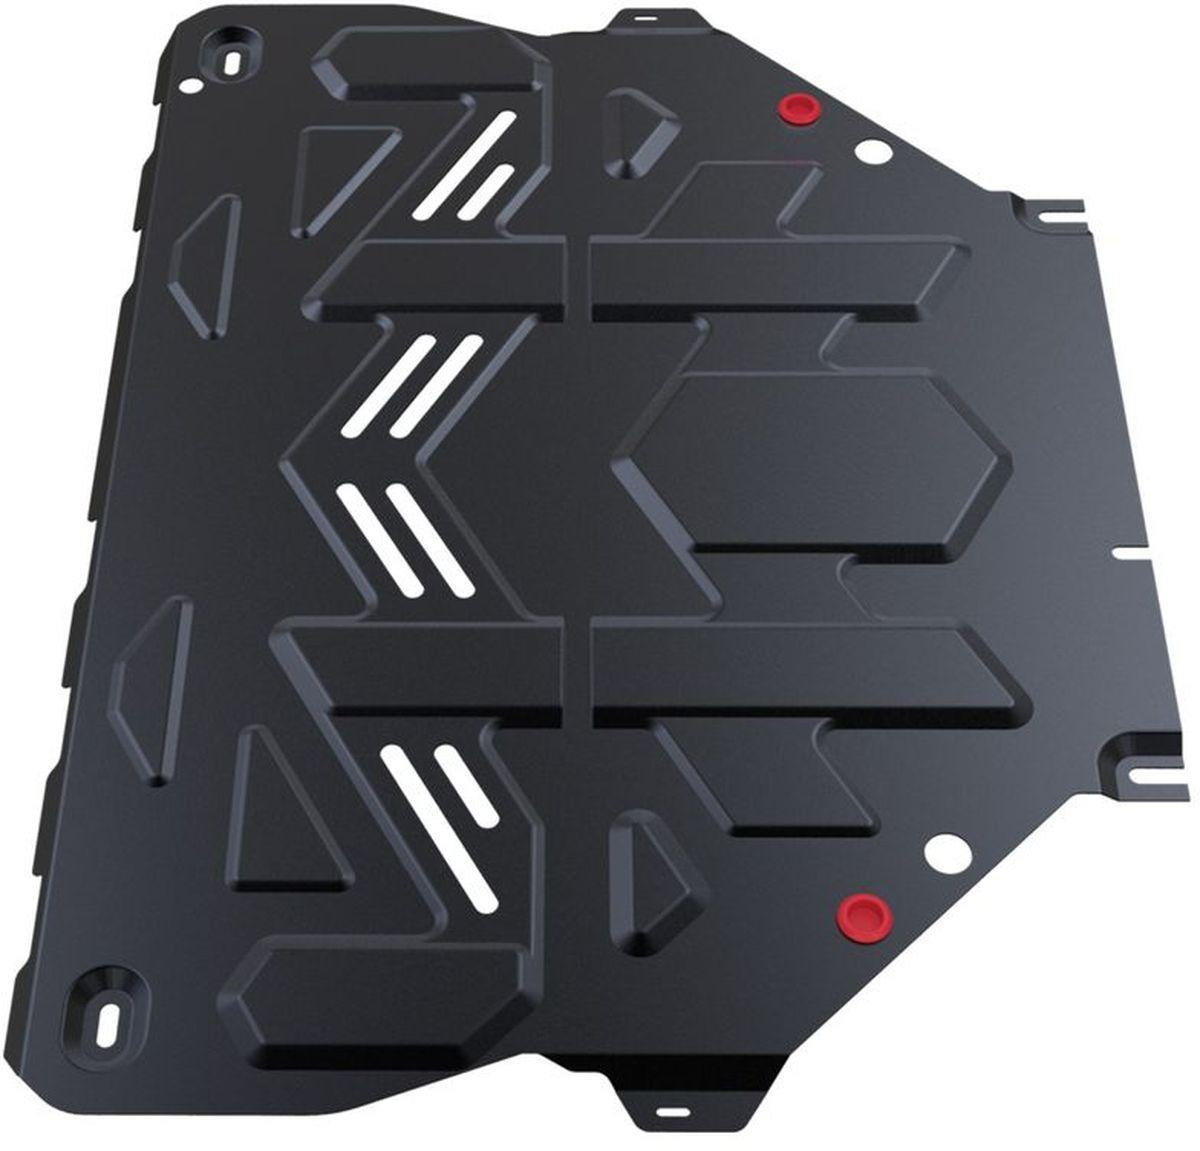 Защита картера и КПП Автоброня, для Ford Kuga. 111.01838.11004900000360Технологически совершенный продукт за невысокую стоимость.Защита разработана с учетом особенностей днища автомобиля, что позволяет сохранить дорожный просвет с минимальным изменением.Защита устанавливается в штатные места кузова автомобиля. Глубокий штамп обеспечивает до двух раз больше жесткости в сравнении с обычной защитой той же толщины. Проштампованные ребра жесткости препятствуют деформации защиты при ударах.Тепловой зазор и вентиляционные отверстия обеспечивают сохранение температурного режима двигателя в норме. Скрытый крепеж предотвращает срыв крепежных элементов при наезде на препятствие.Шумопоглощающие резиновые элементы обеспечивают комфортную езду без вибраций и скрежета металла, а съемные лючки для слива масла и замены фильтра - экономию средств и время.Конструкция изделия не влияет на пассивную безопасность автомобиля (при ударе защита не воздействует на деформационные зоны кузова). Со штатным крепежом. В комплекте инструкция по установке.Толщина стали: 2 мм.